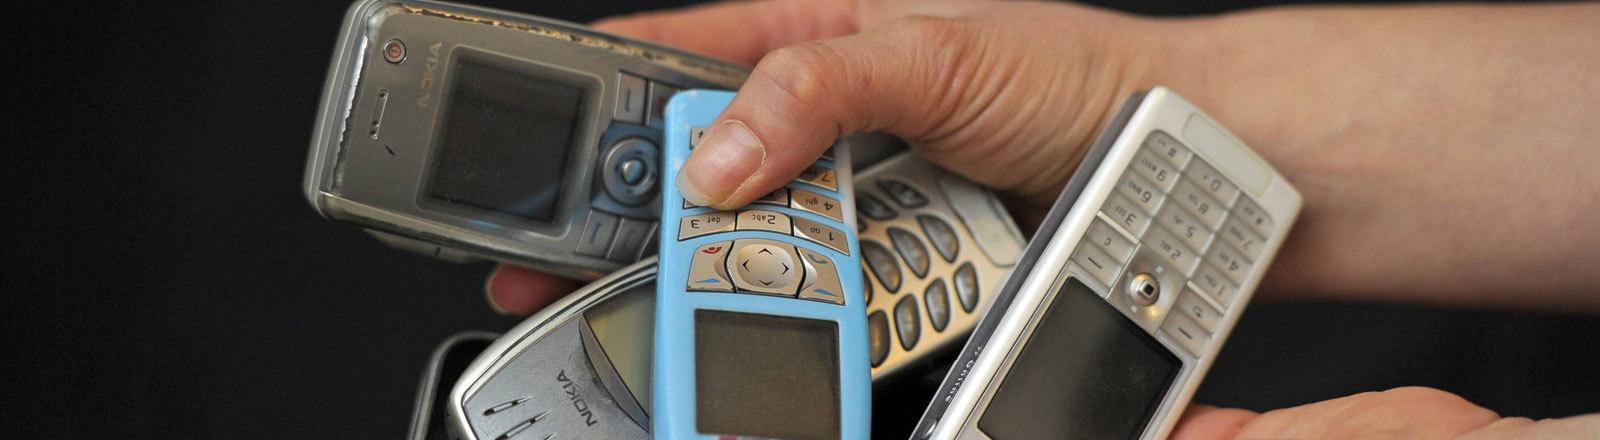 Handys und Smartphones zurückgeben.